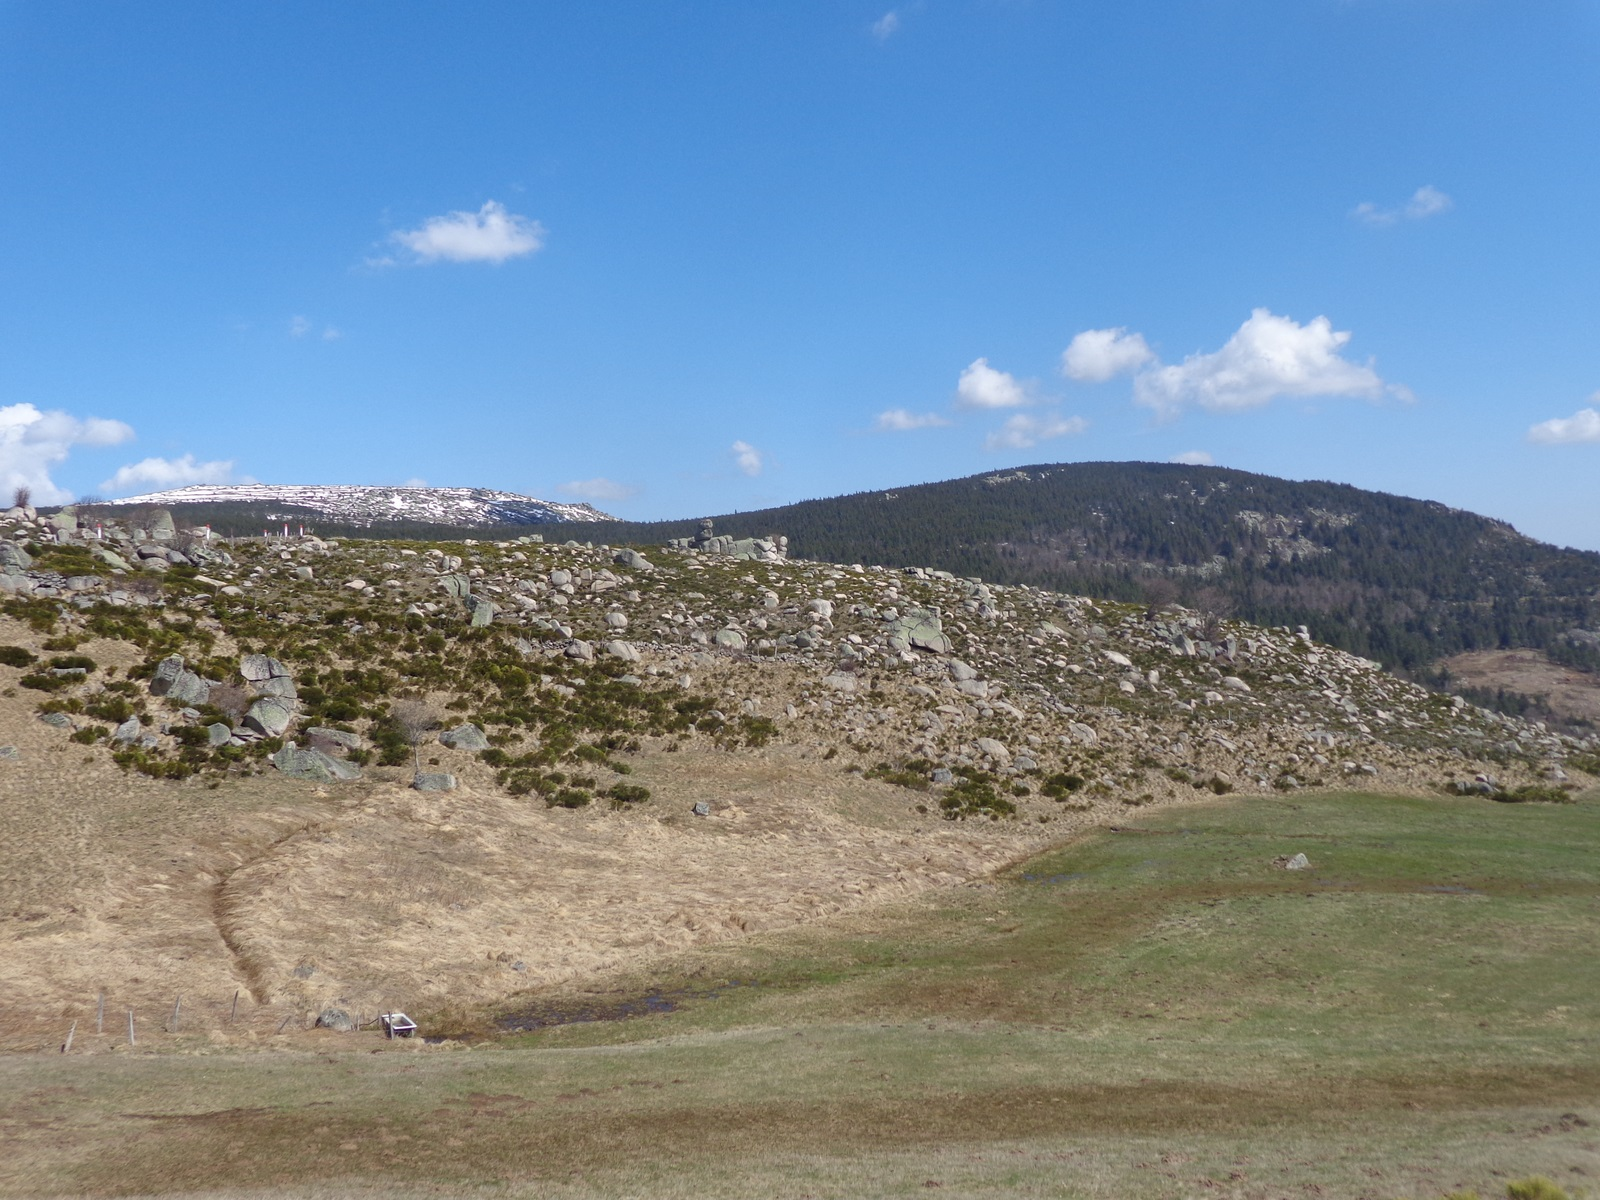 La descente du col de Finiels. Le paysage est grêlé de granit.